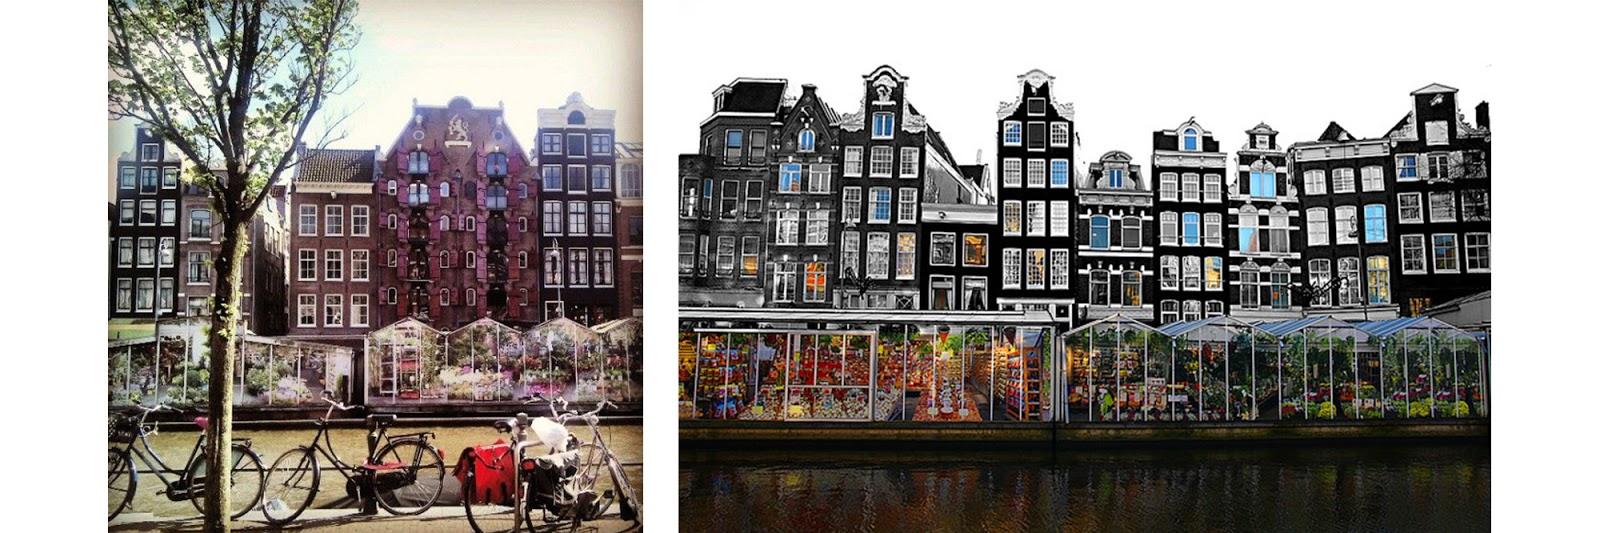 Bien-aimé Voyages Livresques | Amsterdam | Nos étoiles contraires | Mydeerbooks SL88